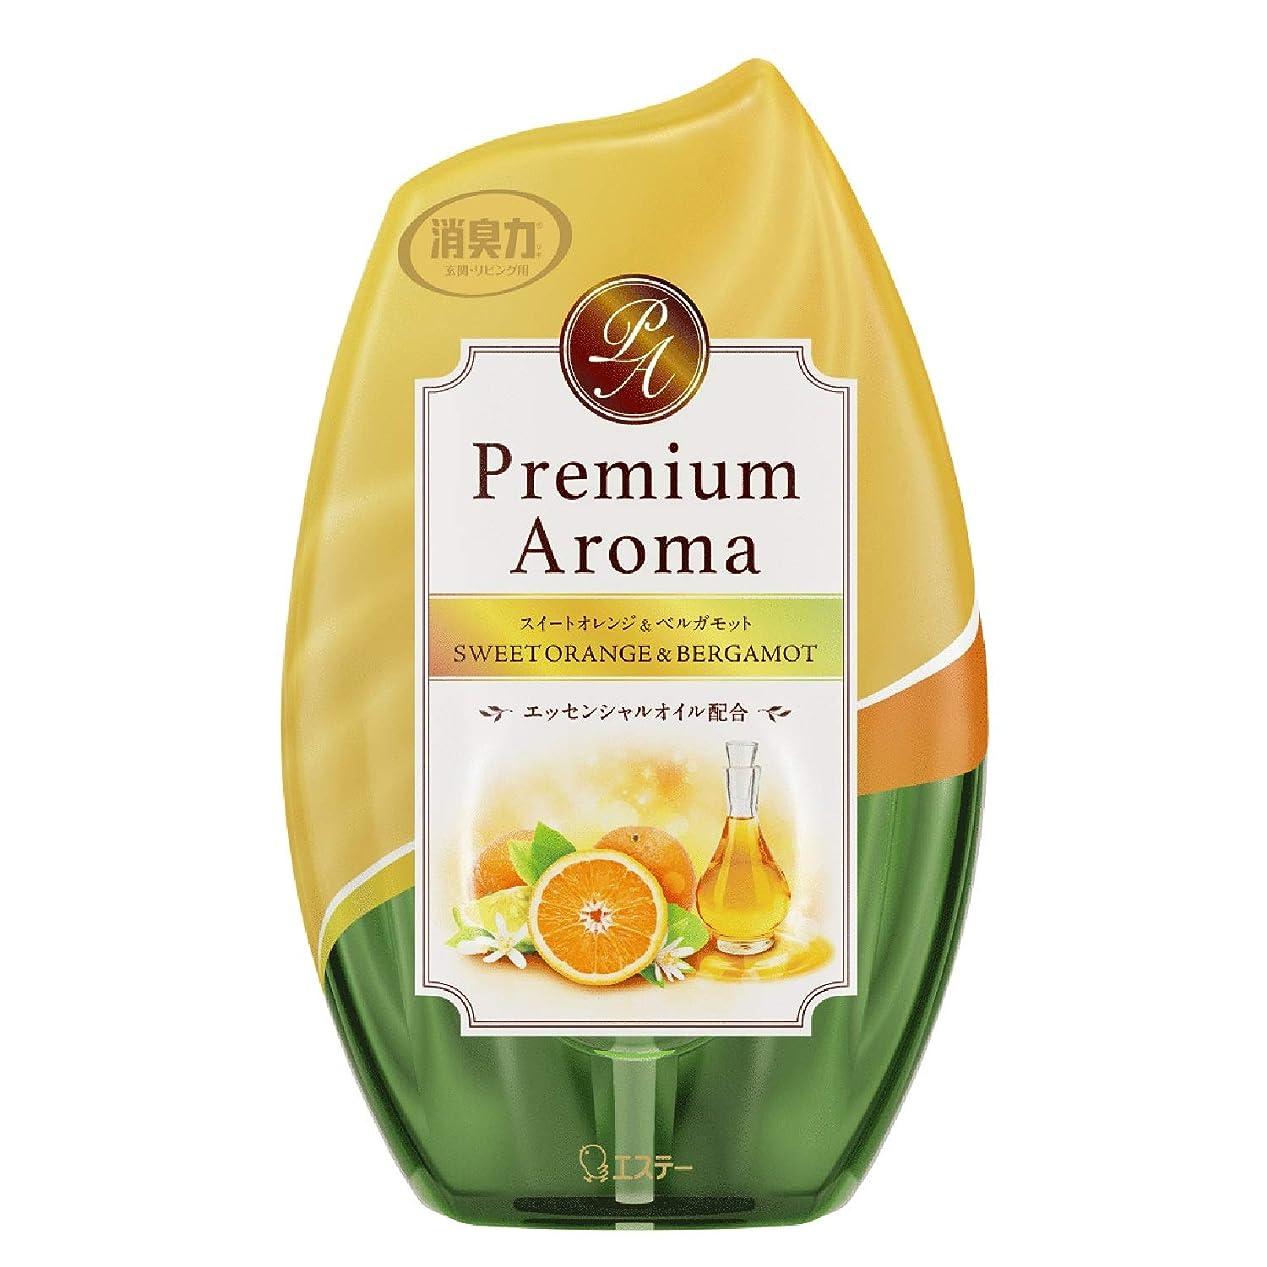 パーティションレジ増加するお部屋の消臭力 プレミアムアロマ Premium Aroma 消臭芳香剤 部屋用 部屋 スイートオレンジ&ベルガモットの香り 400ml